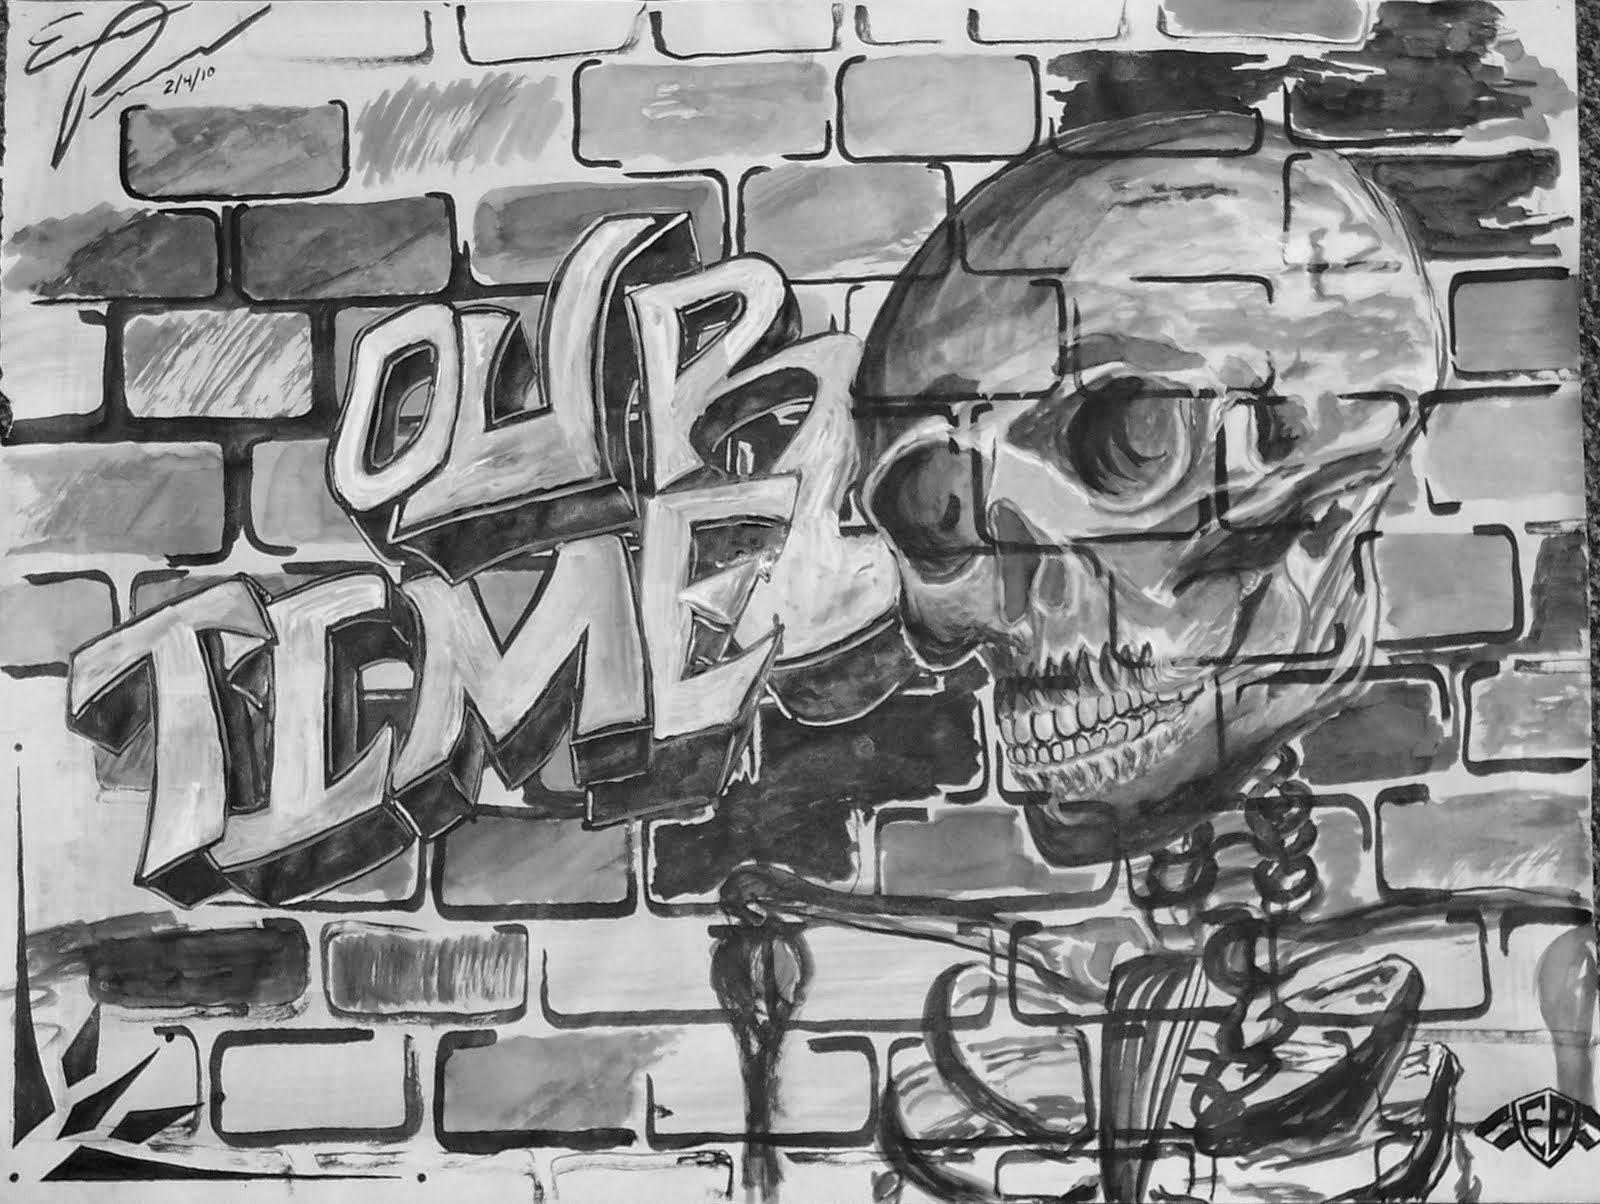 Drawn brick graffito brick wall Wall Drawing Wall: Brick Graffiti